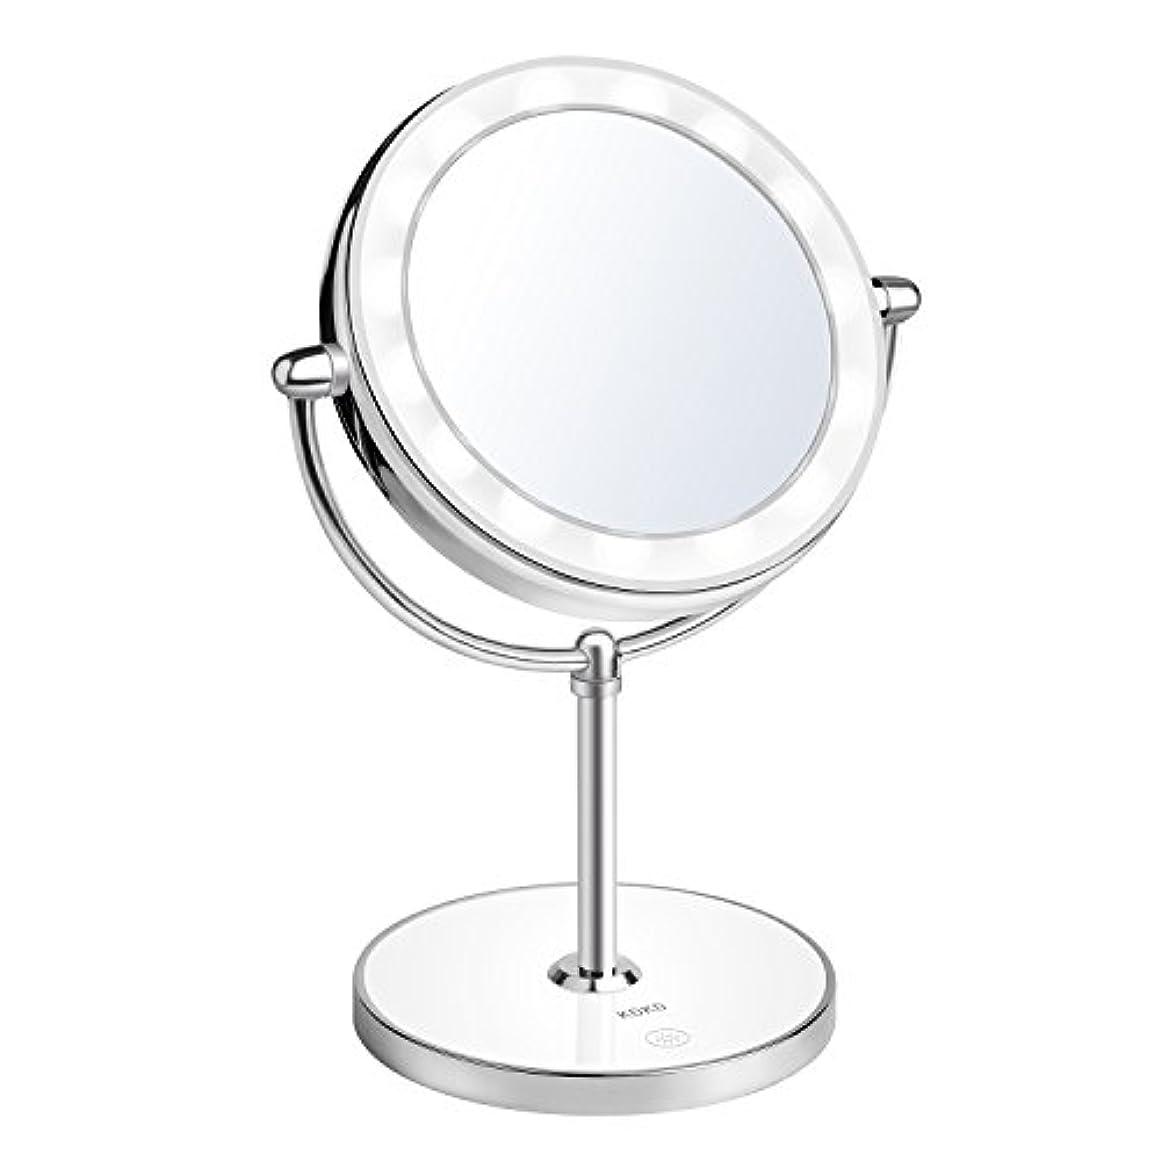 カプラーに頼る小切手KDKD LED光る ライト付き化粧鏡 回転式 1X 及び7倍率ミラー タッチ制御で調光可能 ライト付きメイクアップミラー コードレス 卓上鏡  スタンドミラー 充電式両面化粧鏡 銀色